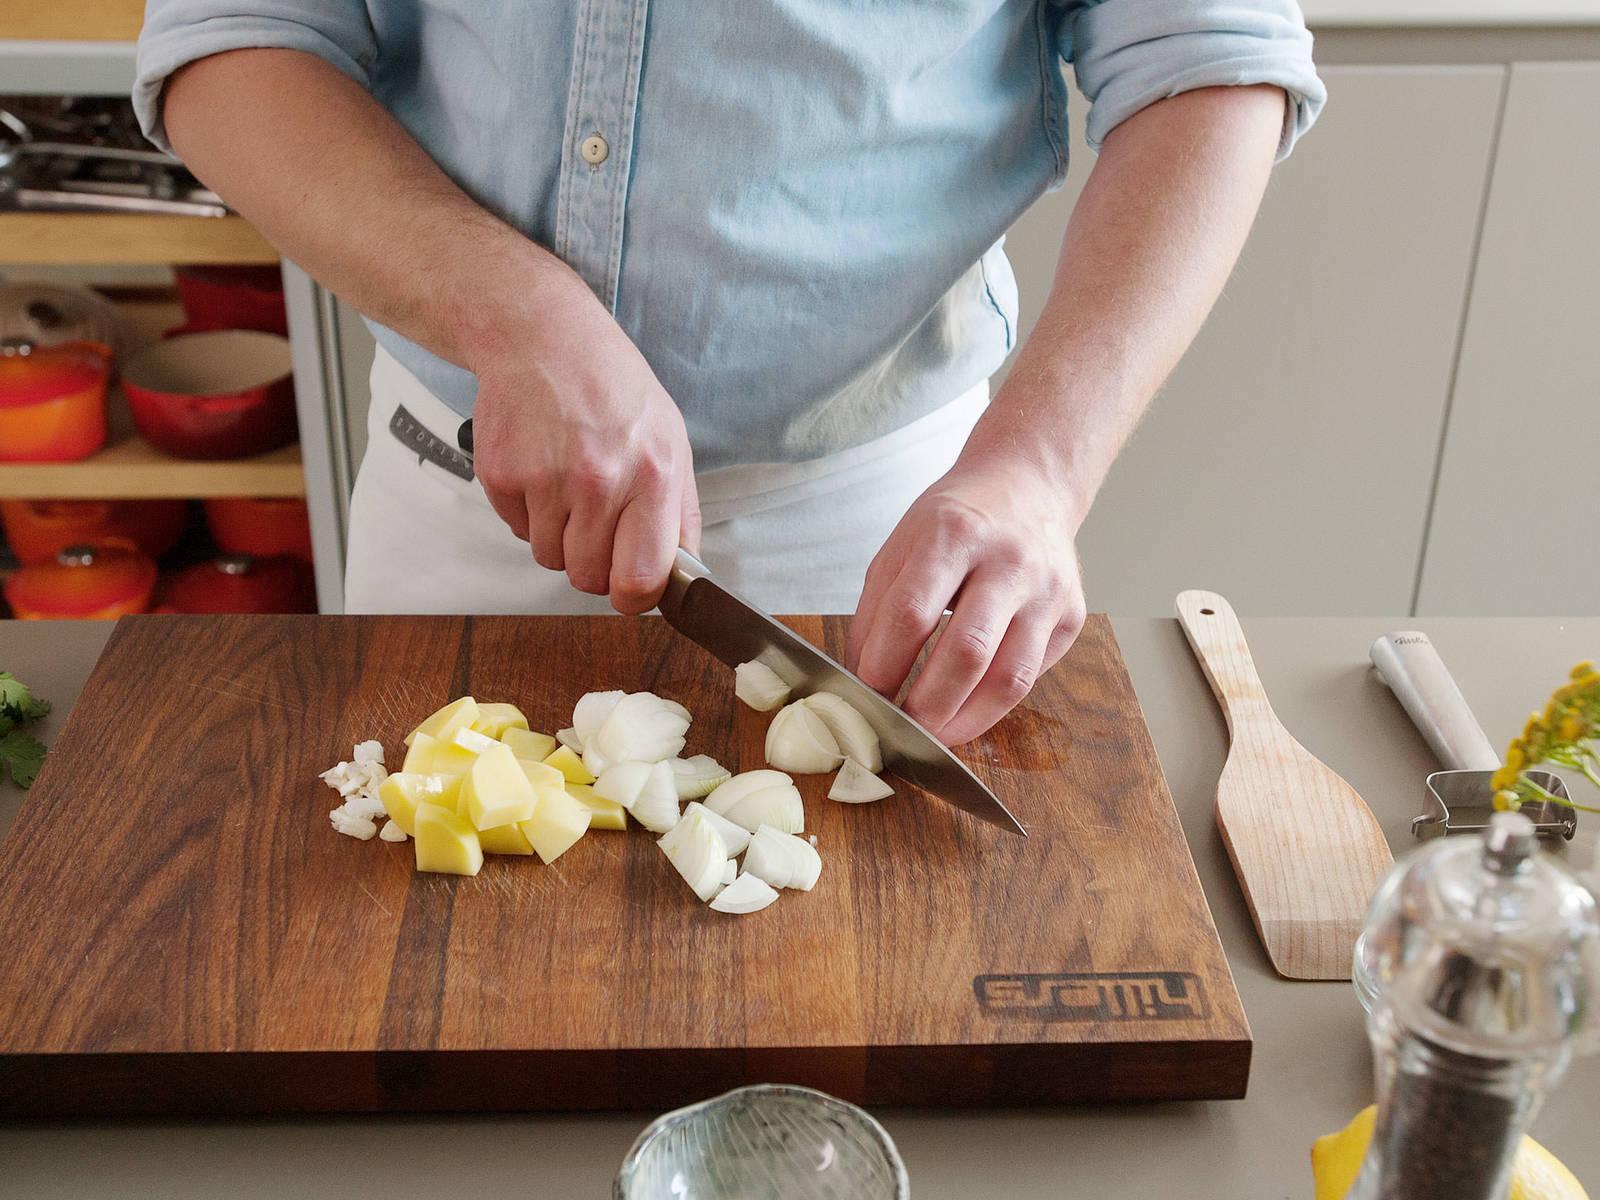 大蒜去皮切片。土豆削皮后大致切块。洋葱剥皮切好。